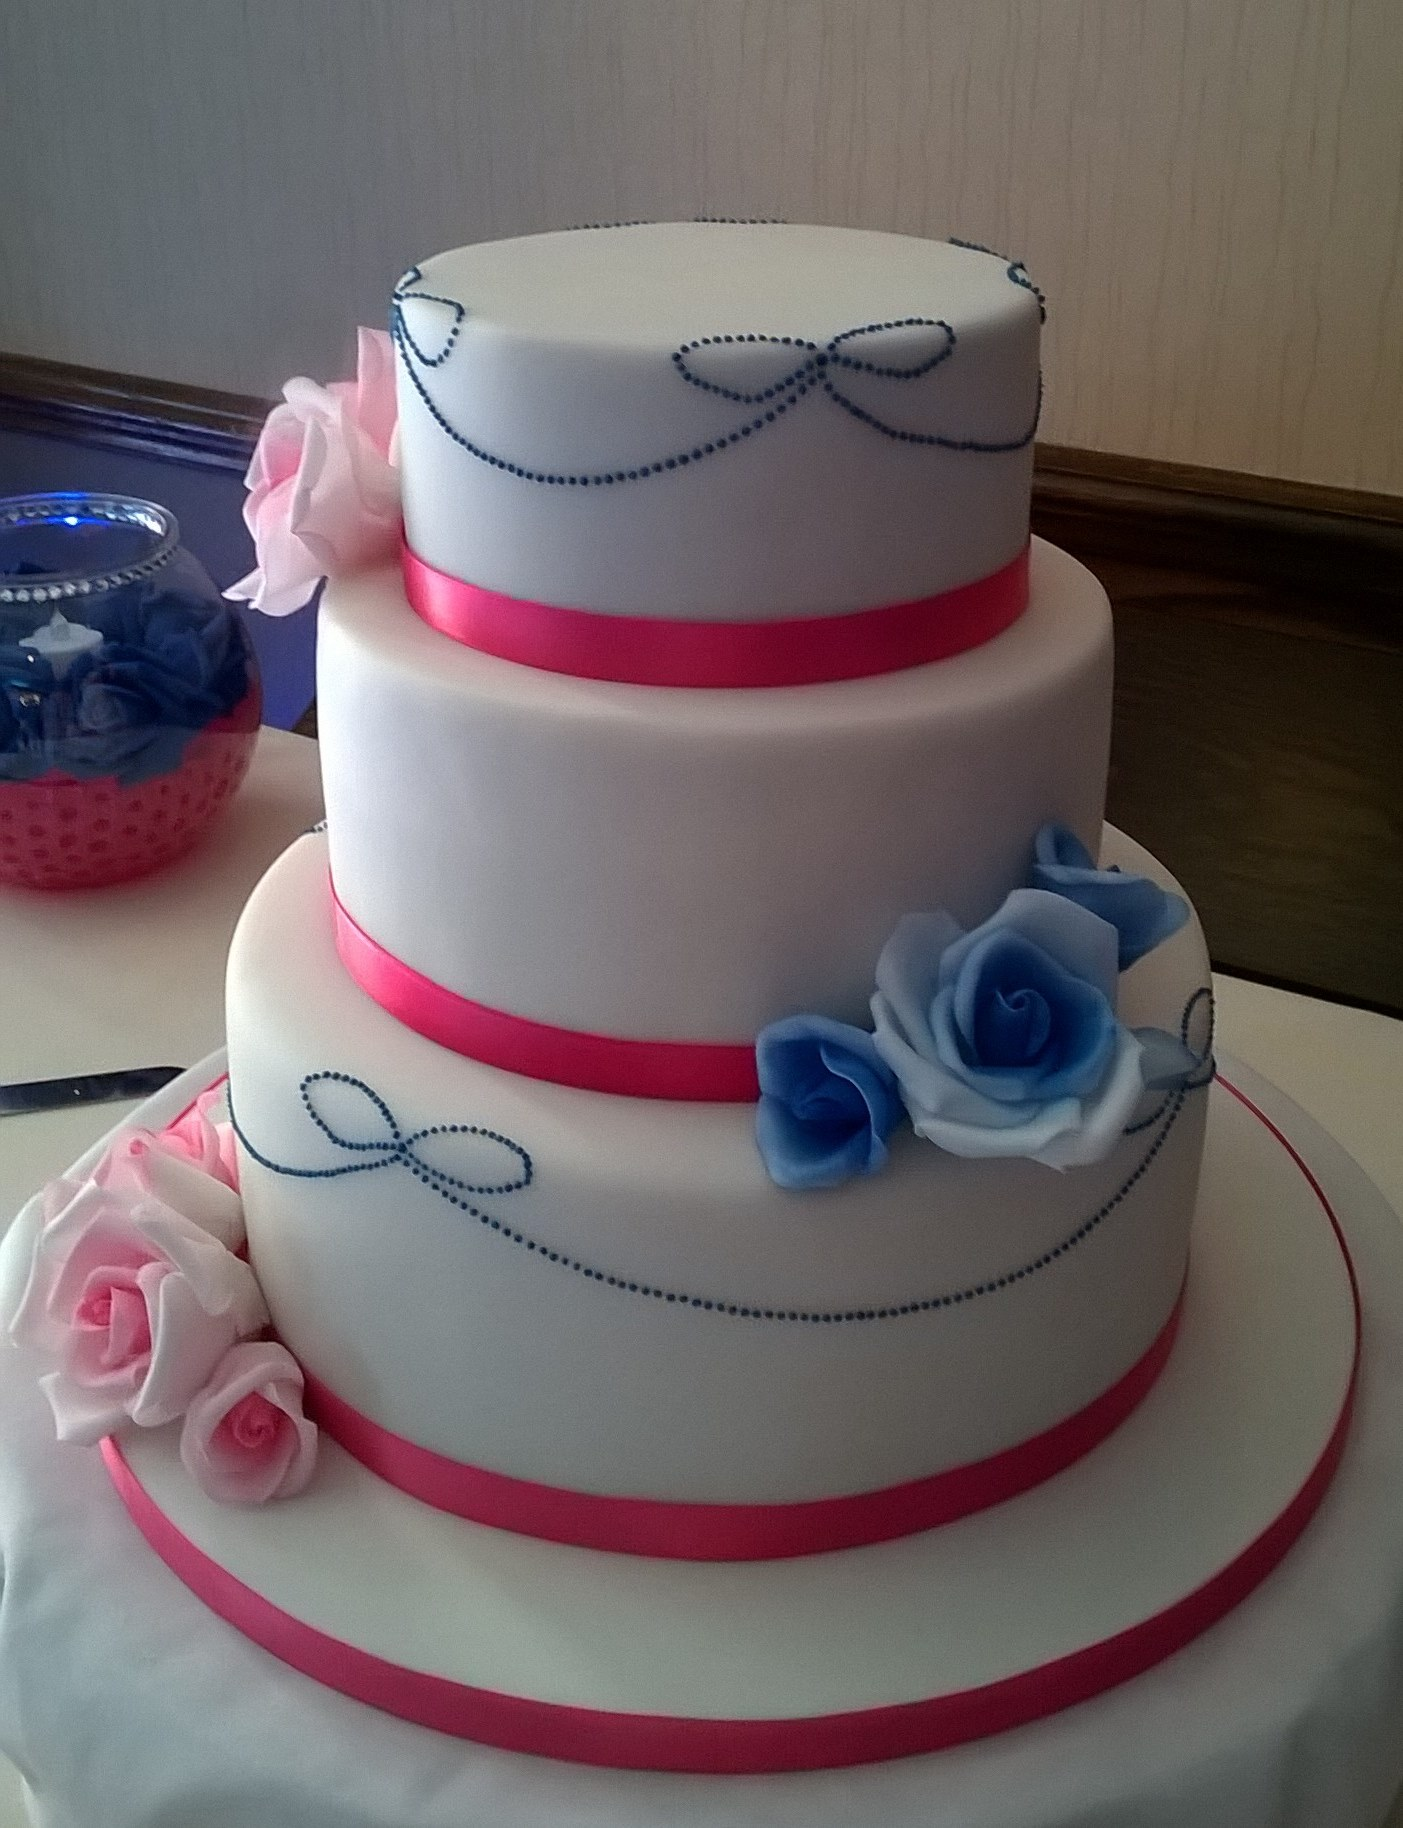 Pretty & Unique Cake Design